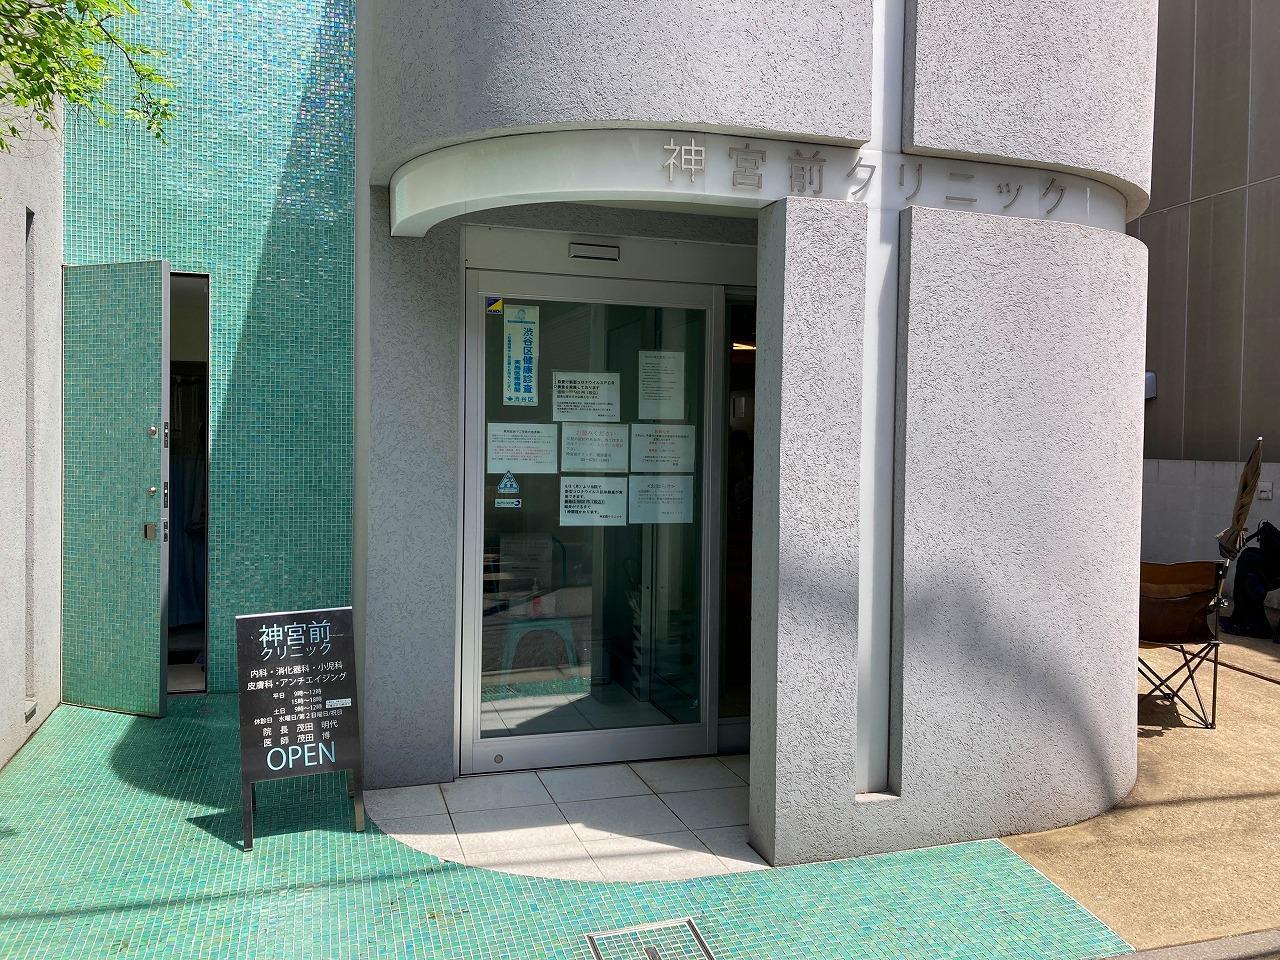 神宮前クリニック 出典:jingumae-clinic.jp/